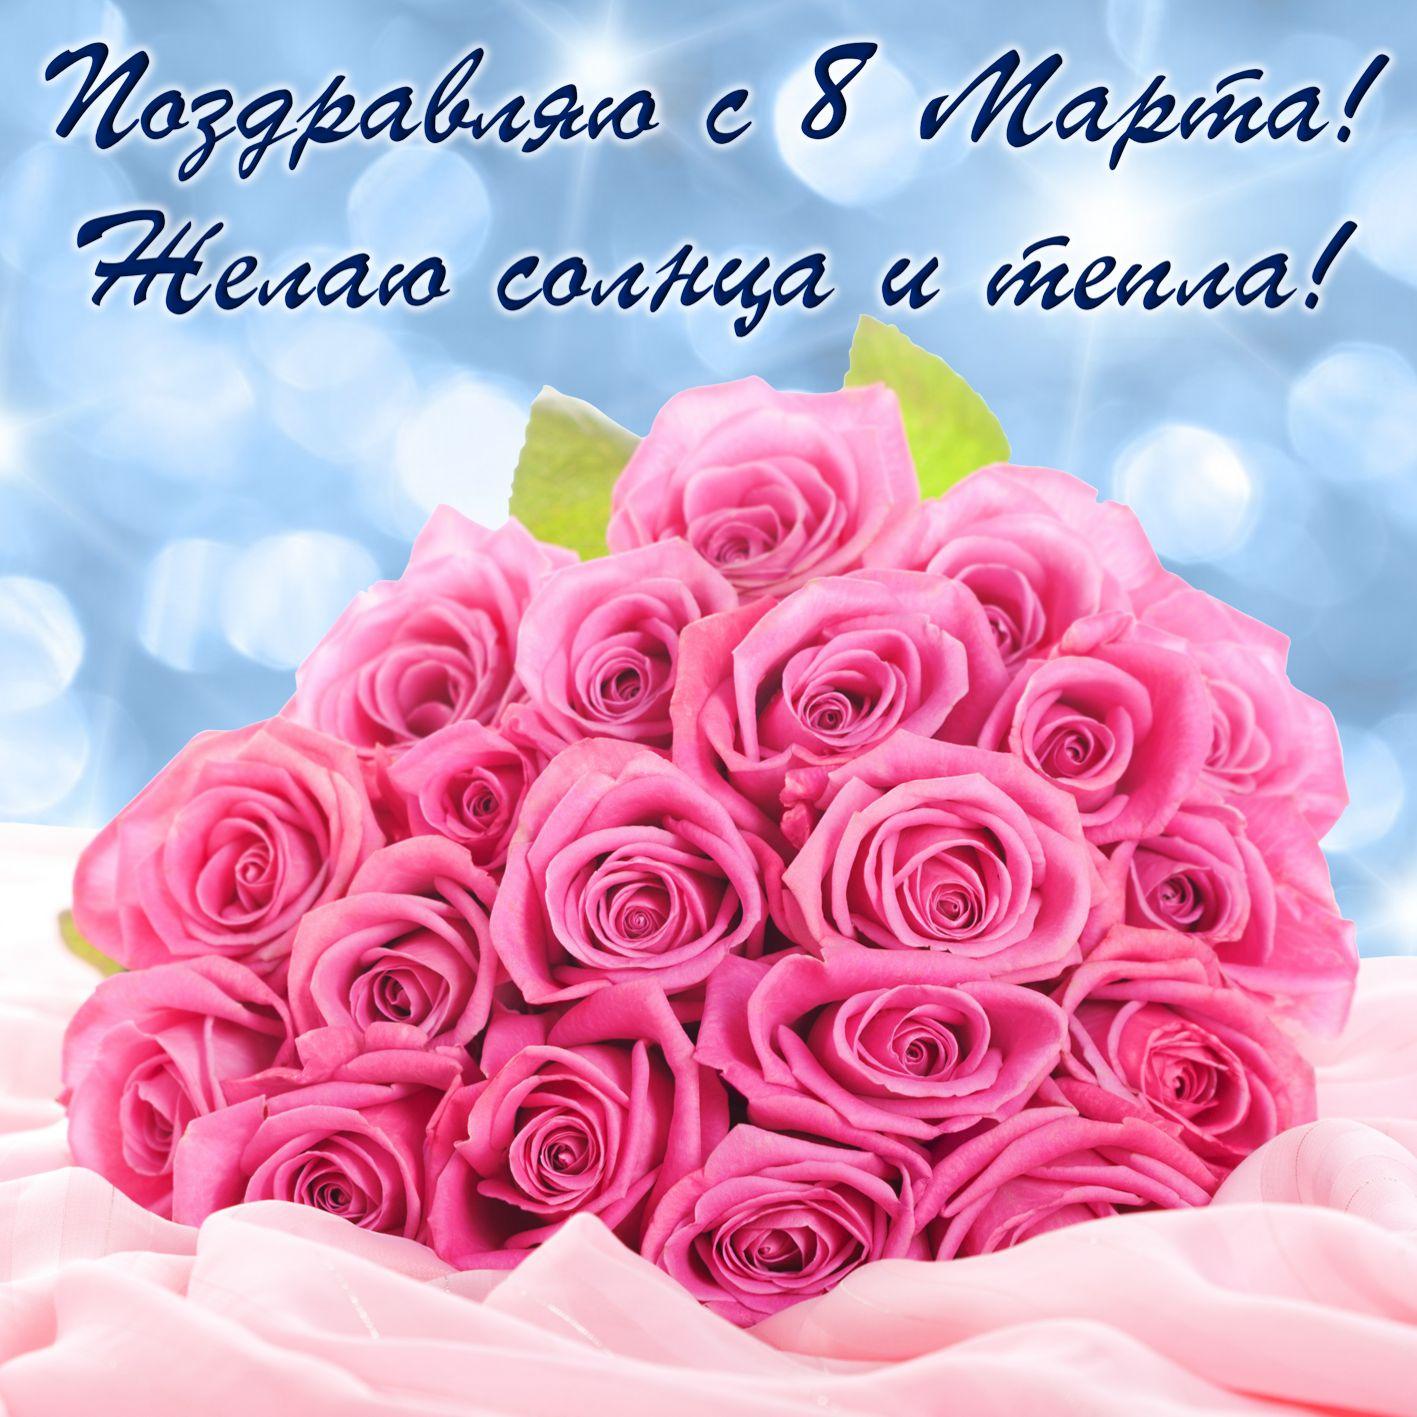 Открытка с 8 марта - огромный букет розовых роз и пожелание